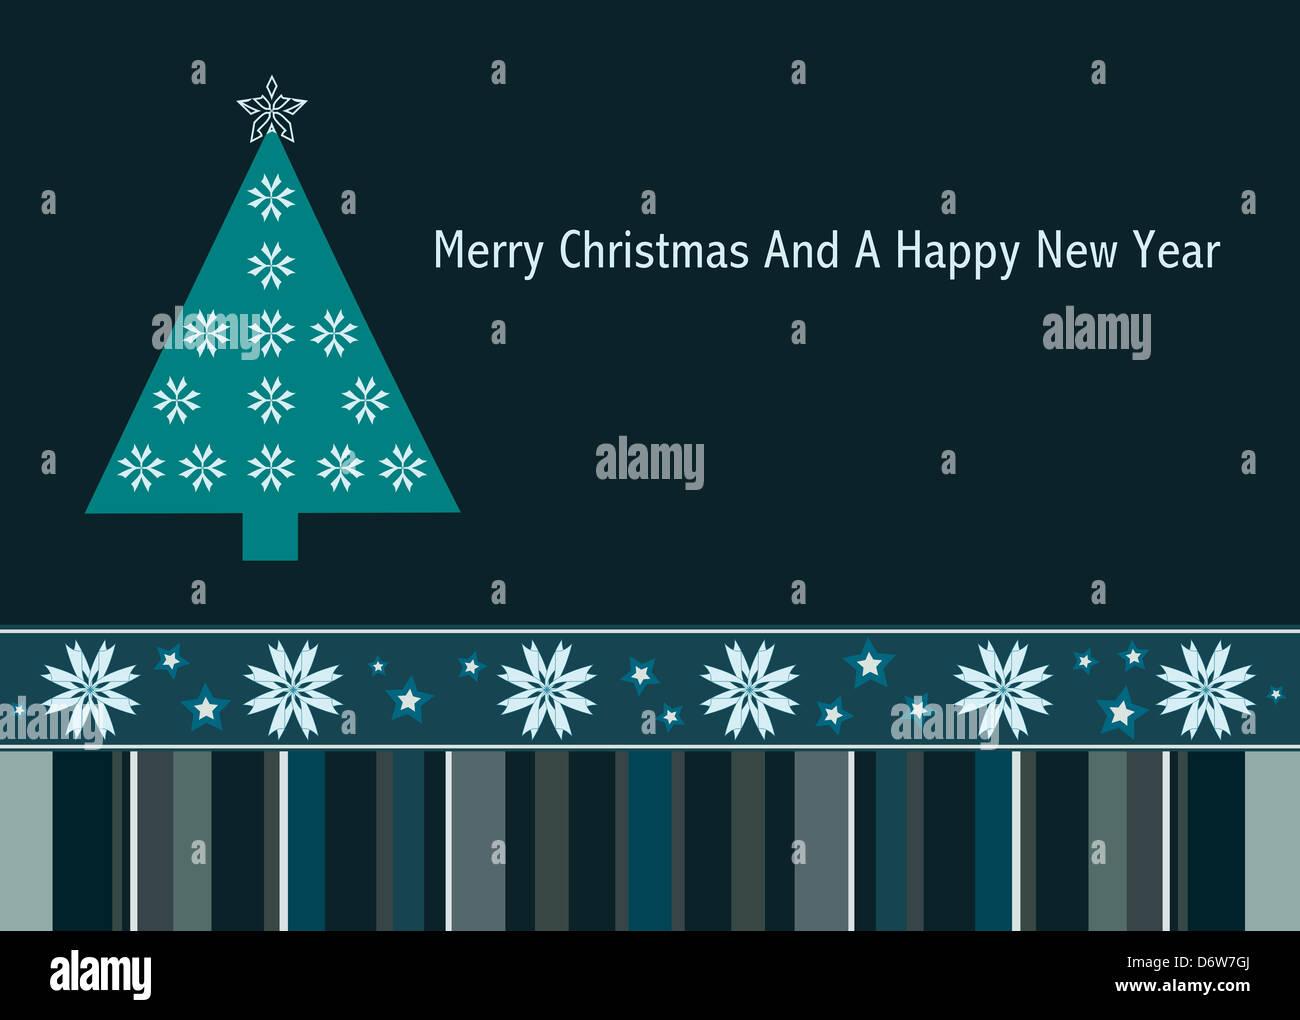 Buon Natale Tutti.Auguriamo A Tutti Un Buon Natale E Un Felice Anno Nuovo Foto